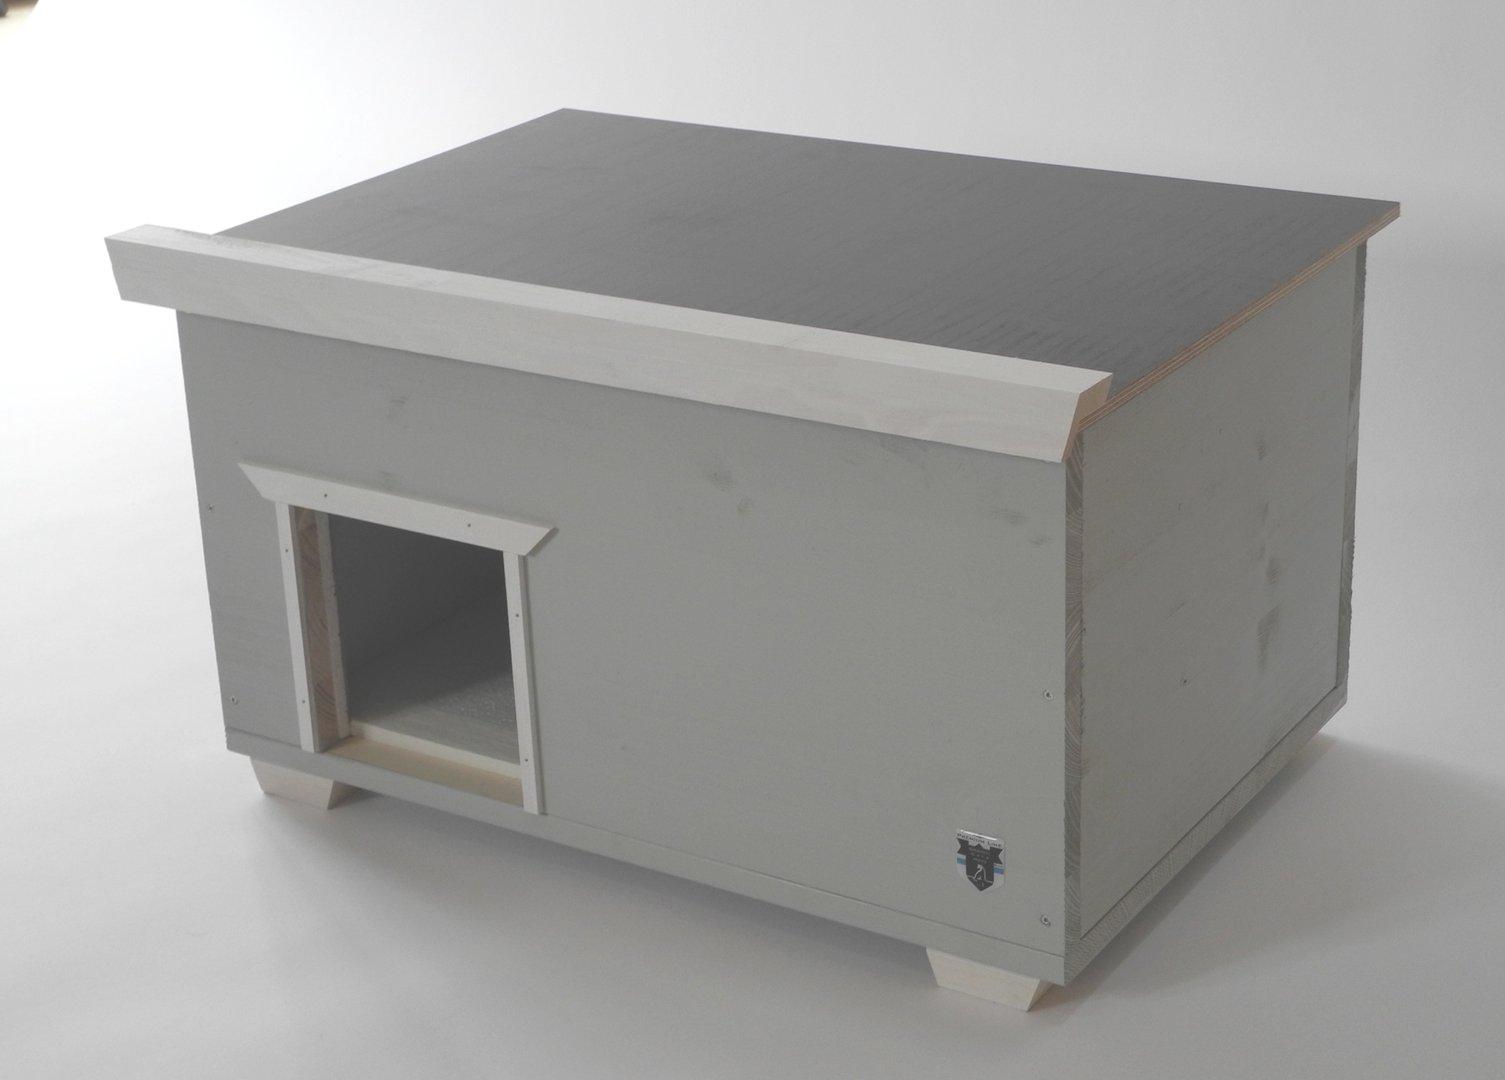 katzenhaus xl isoliert garten bau markt f r jeden isoliert wetterfest katzenhaus. Black Bedroom Furniture Sets. Home Design Ideas